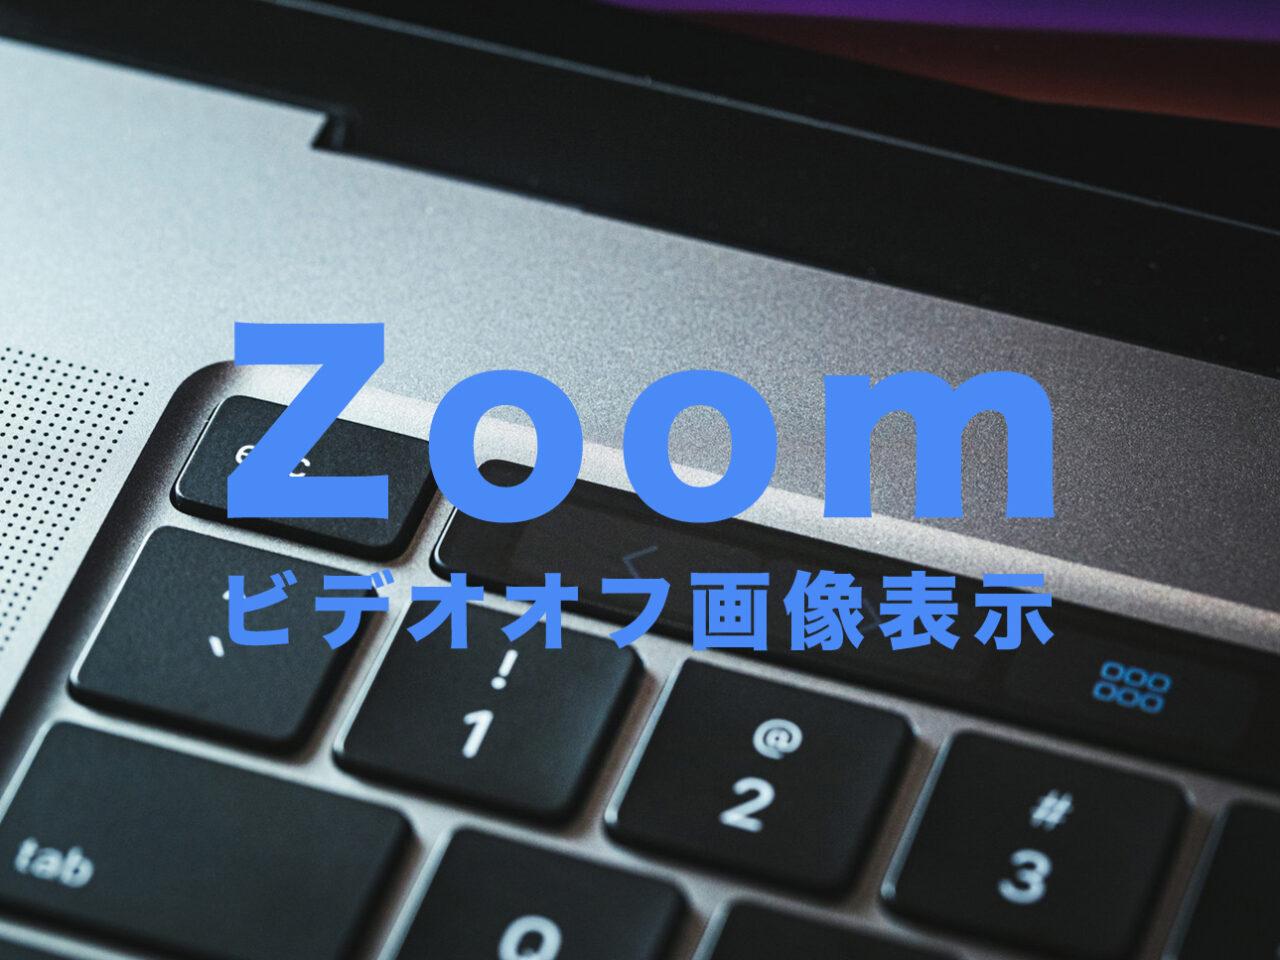 Zoom(ズーム)でビデオオフ時の画像を表示&設定したい!のサムネイル画像